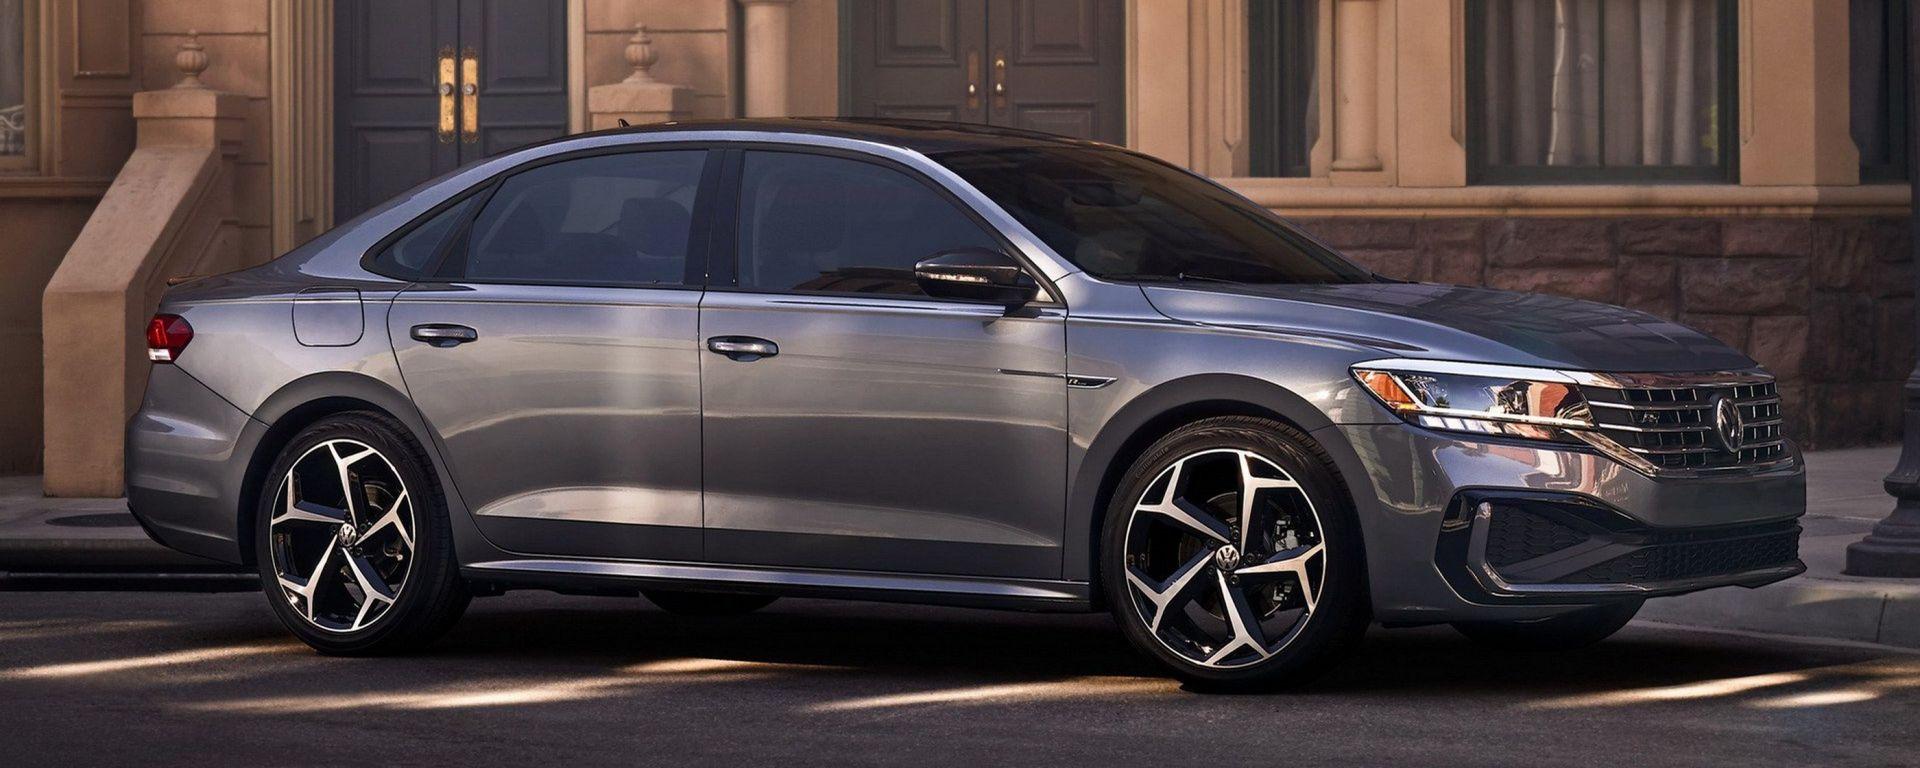 Nuova Volkswagen Passat 2020: eccola in foto